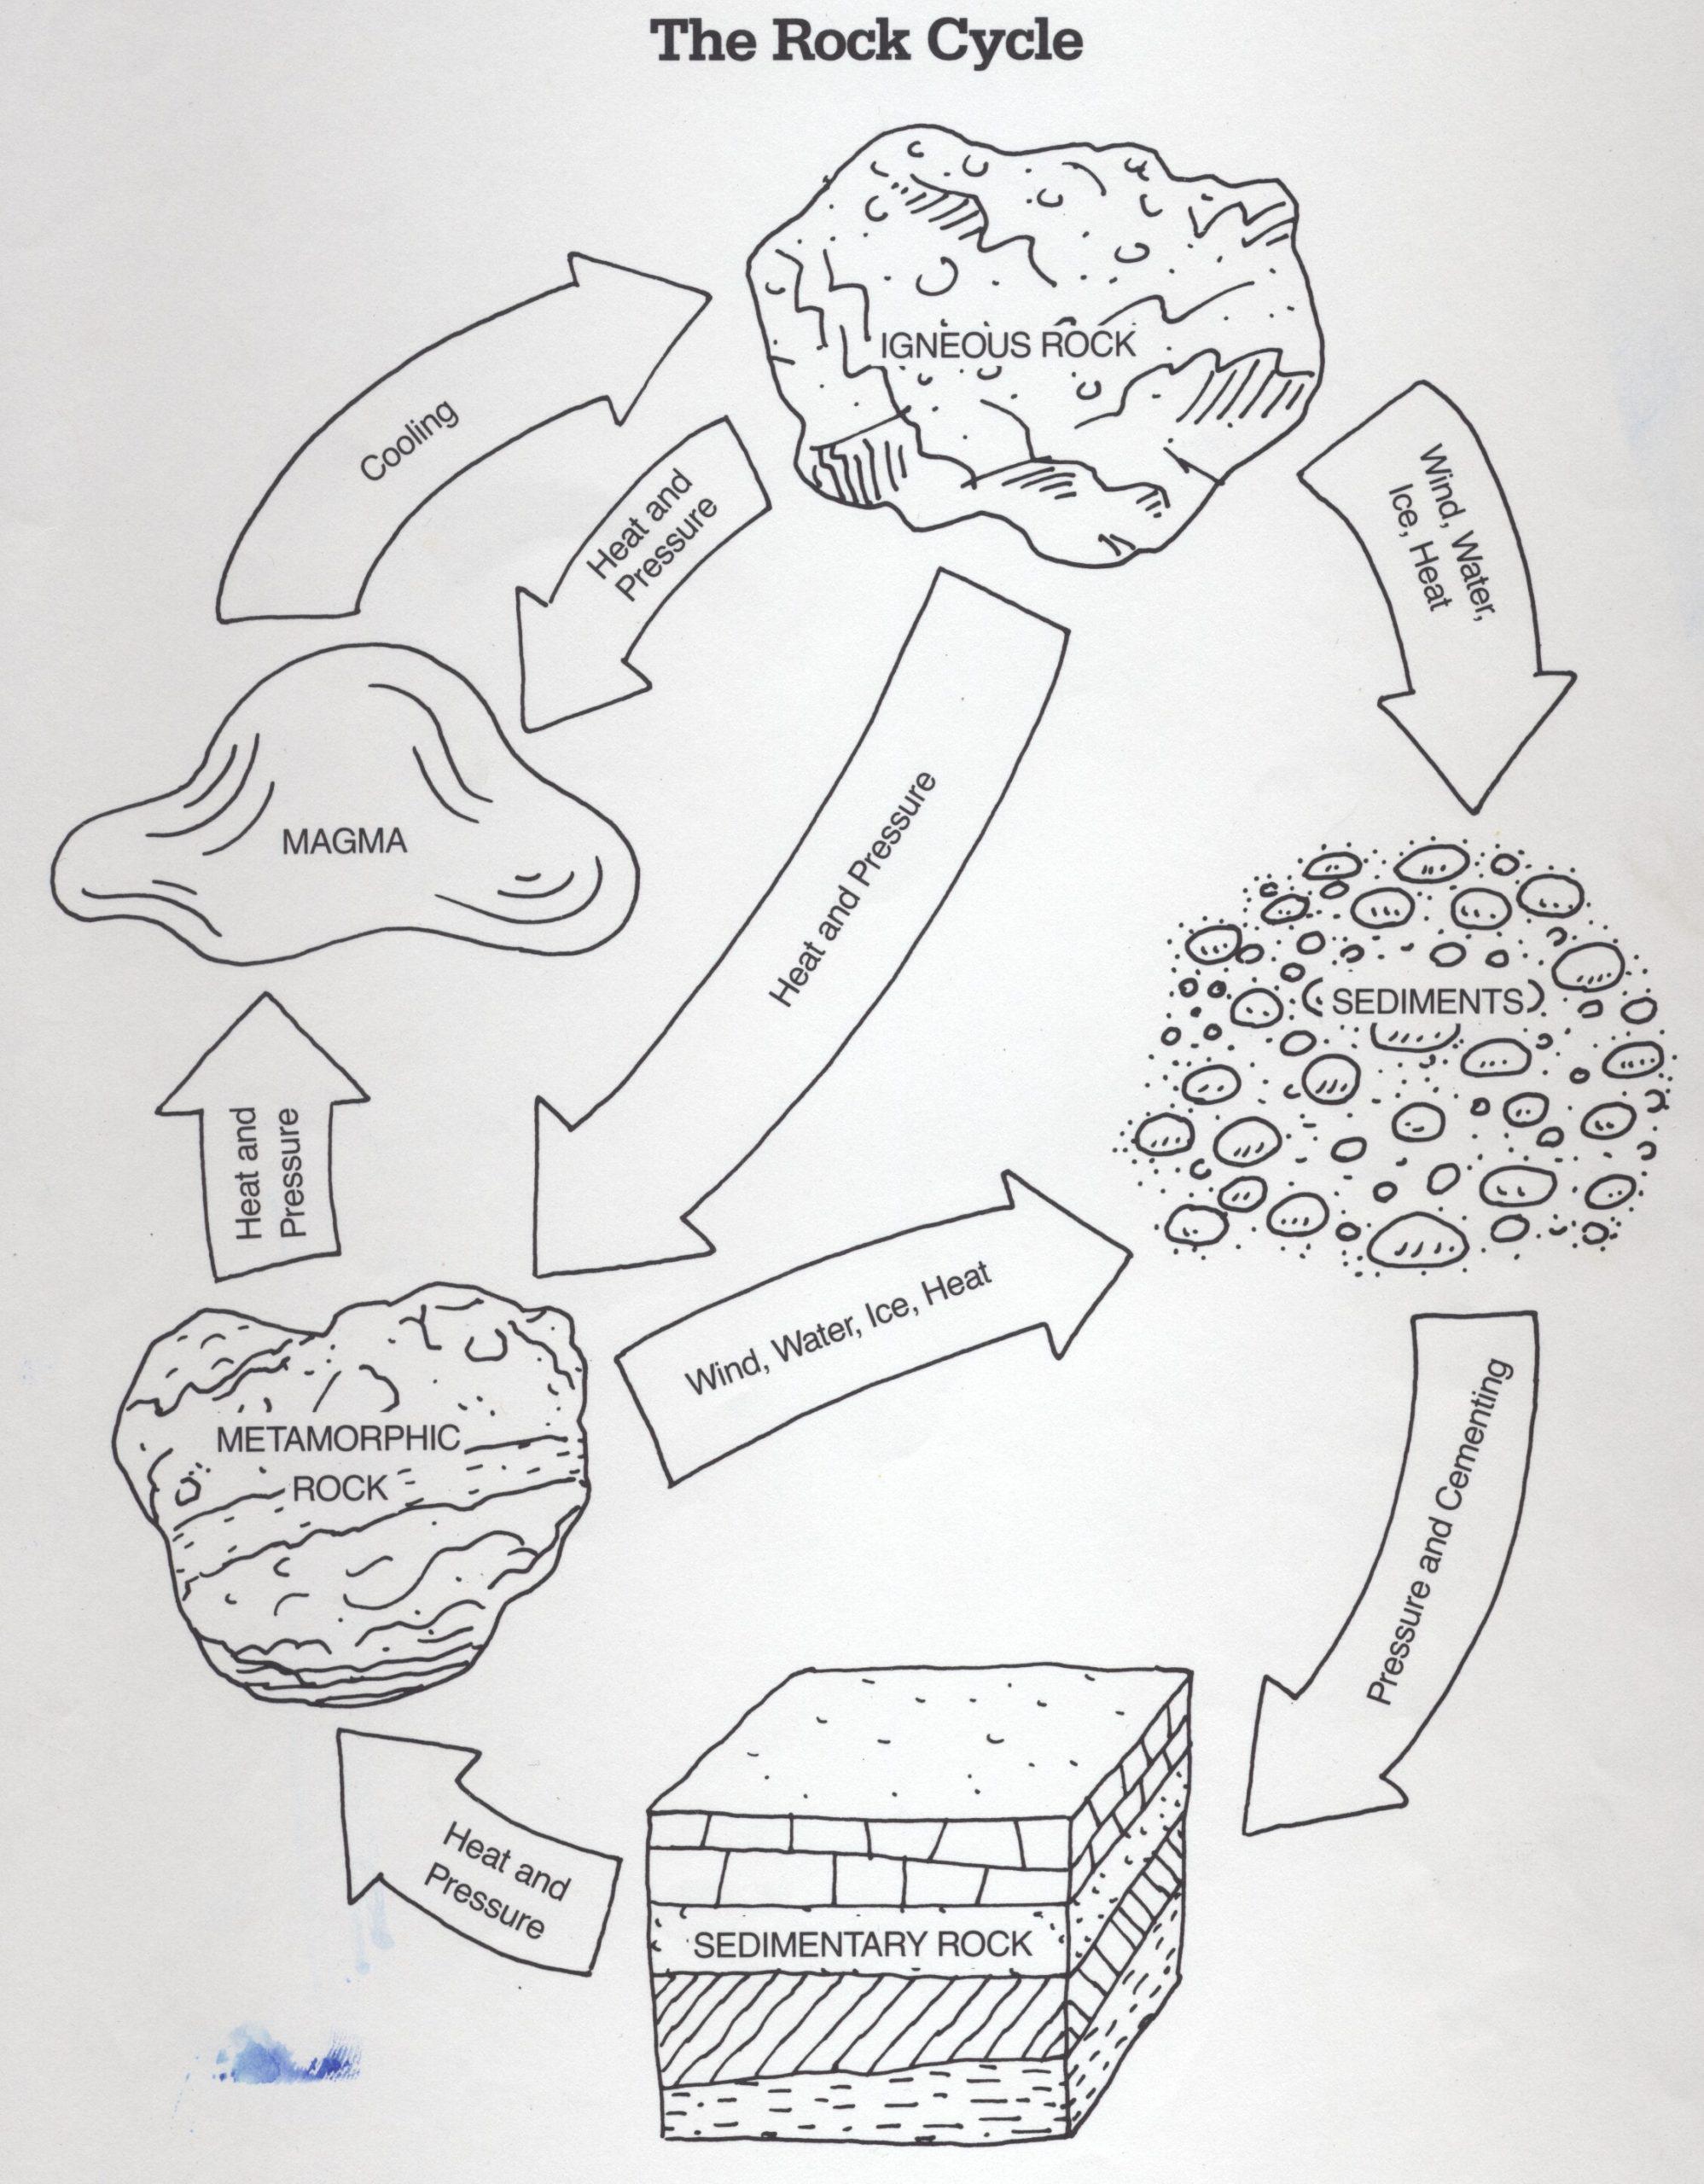 Rock Cycle Diagram Worksheet Diagram the Rock Cycle Worksheet